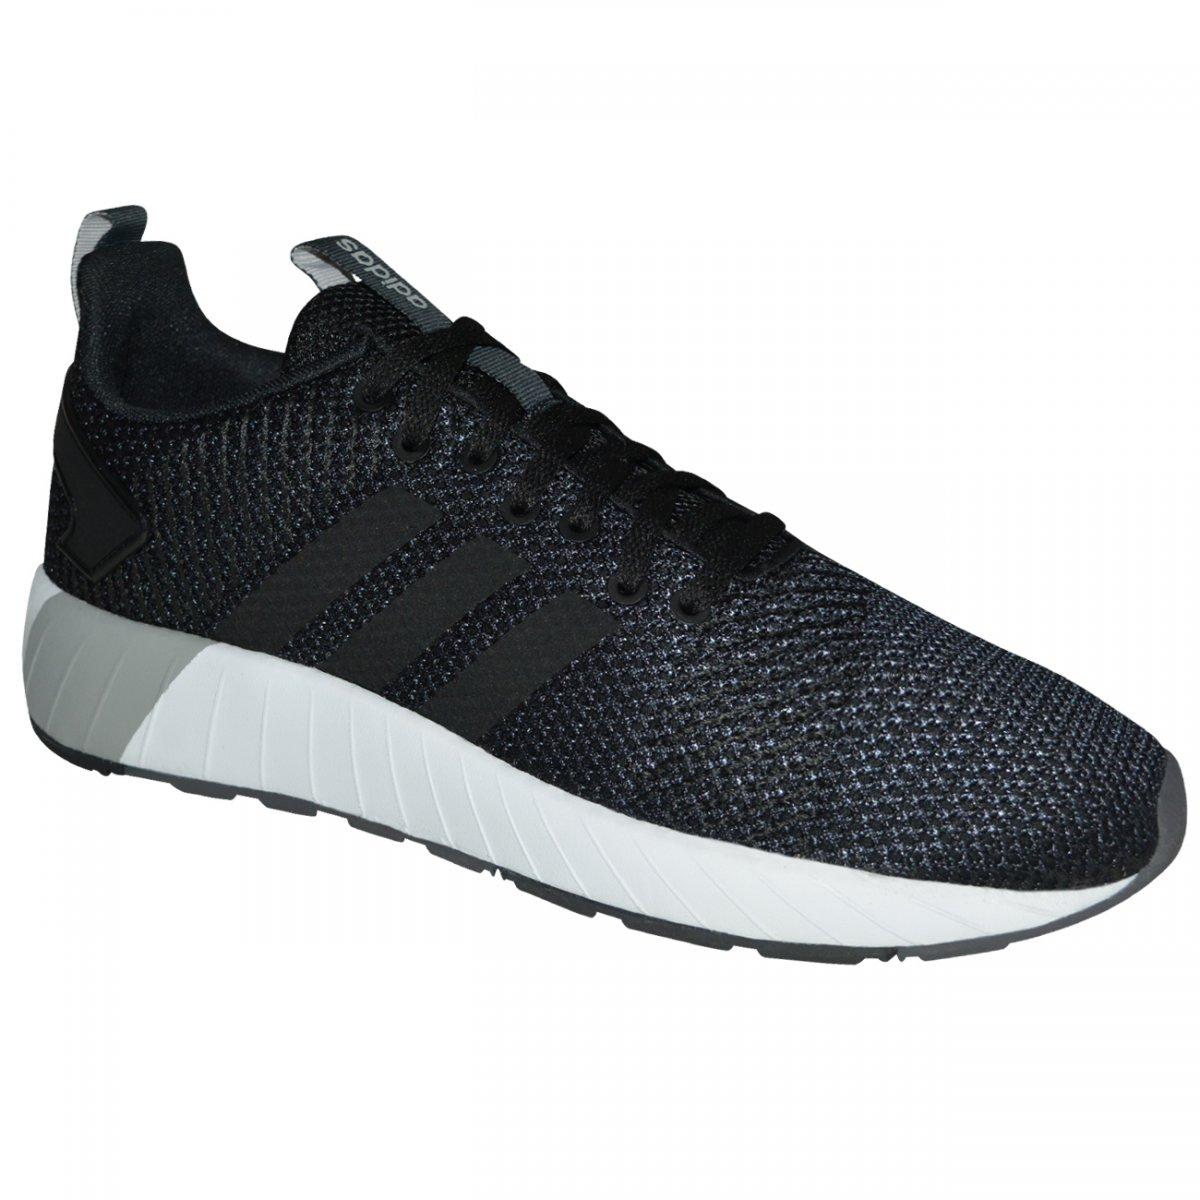 eacf7b84040 Tenis Adidas Questar Byd DB1540 - Preto preto branco - Chuteira Nike ...